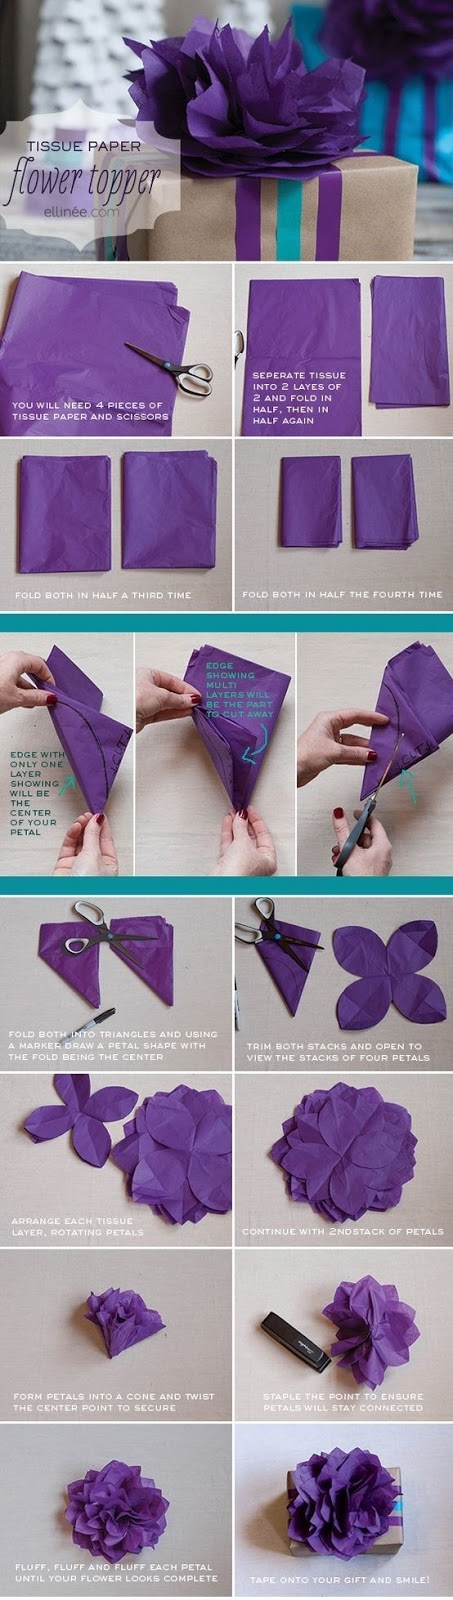 http://www.actitudfem.com/hogar/fotogaleria/diy-adornos-para-regalo-originales#image-2